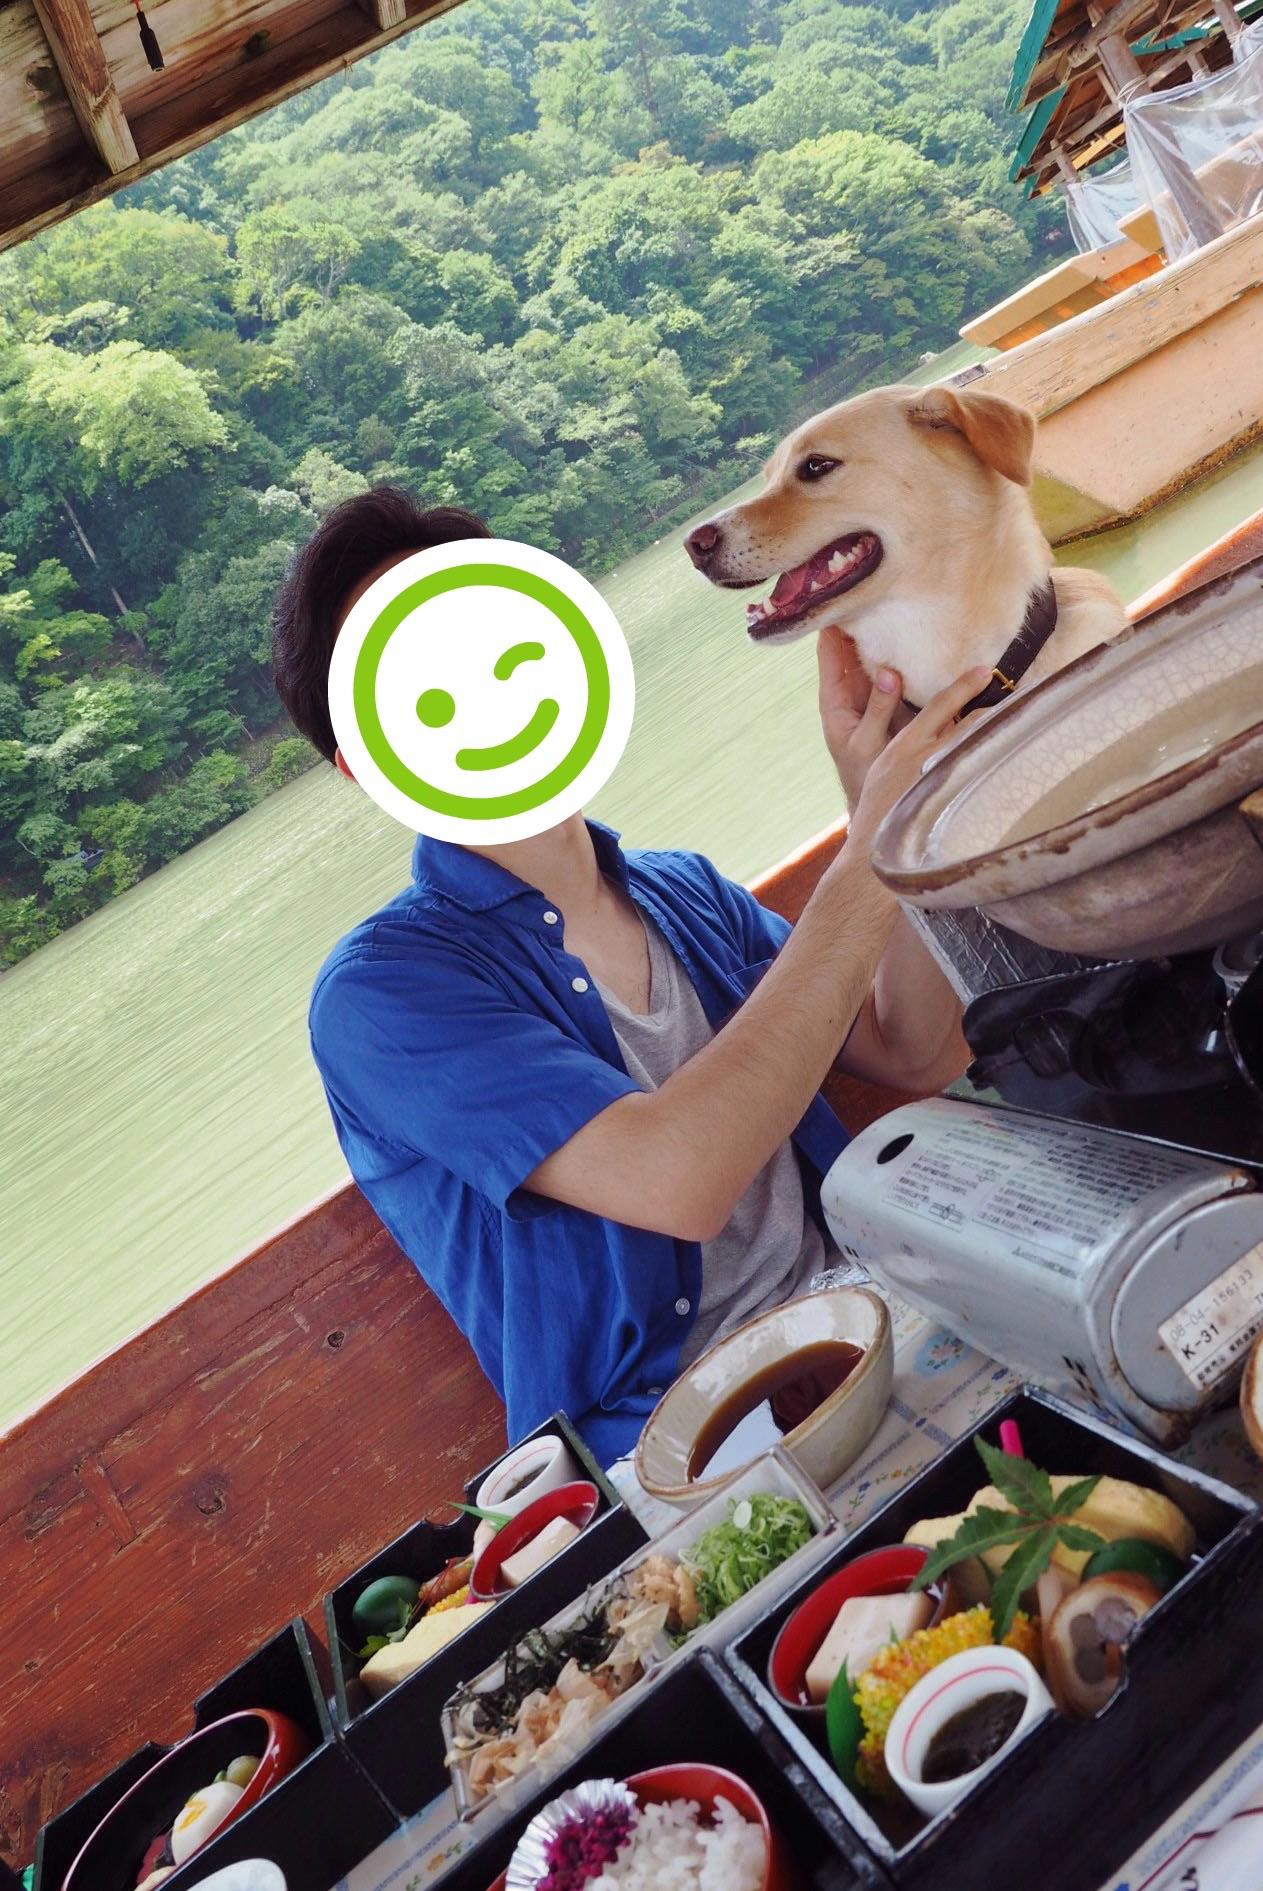 嵐山 屋形船 犬 わんこ